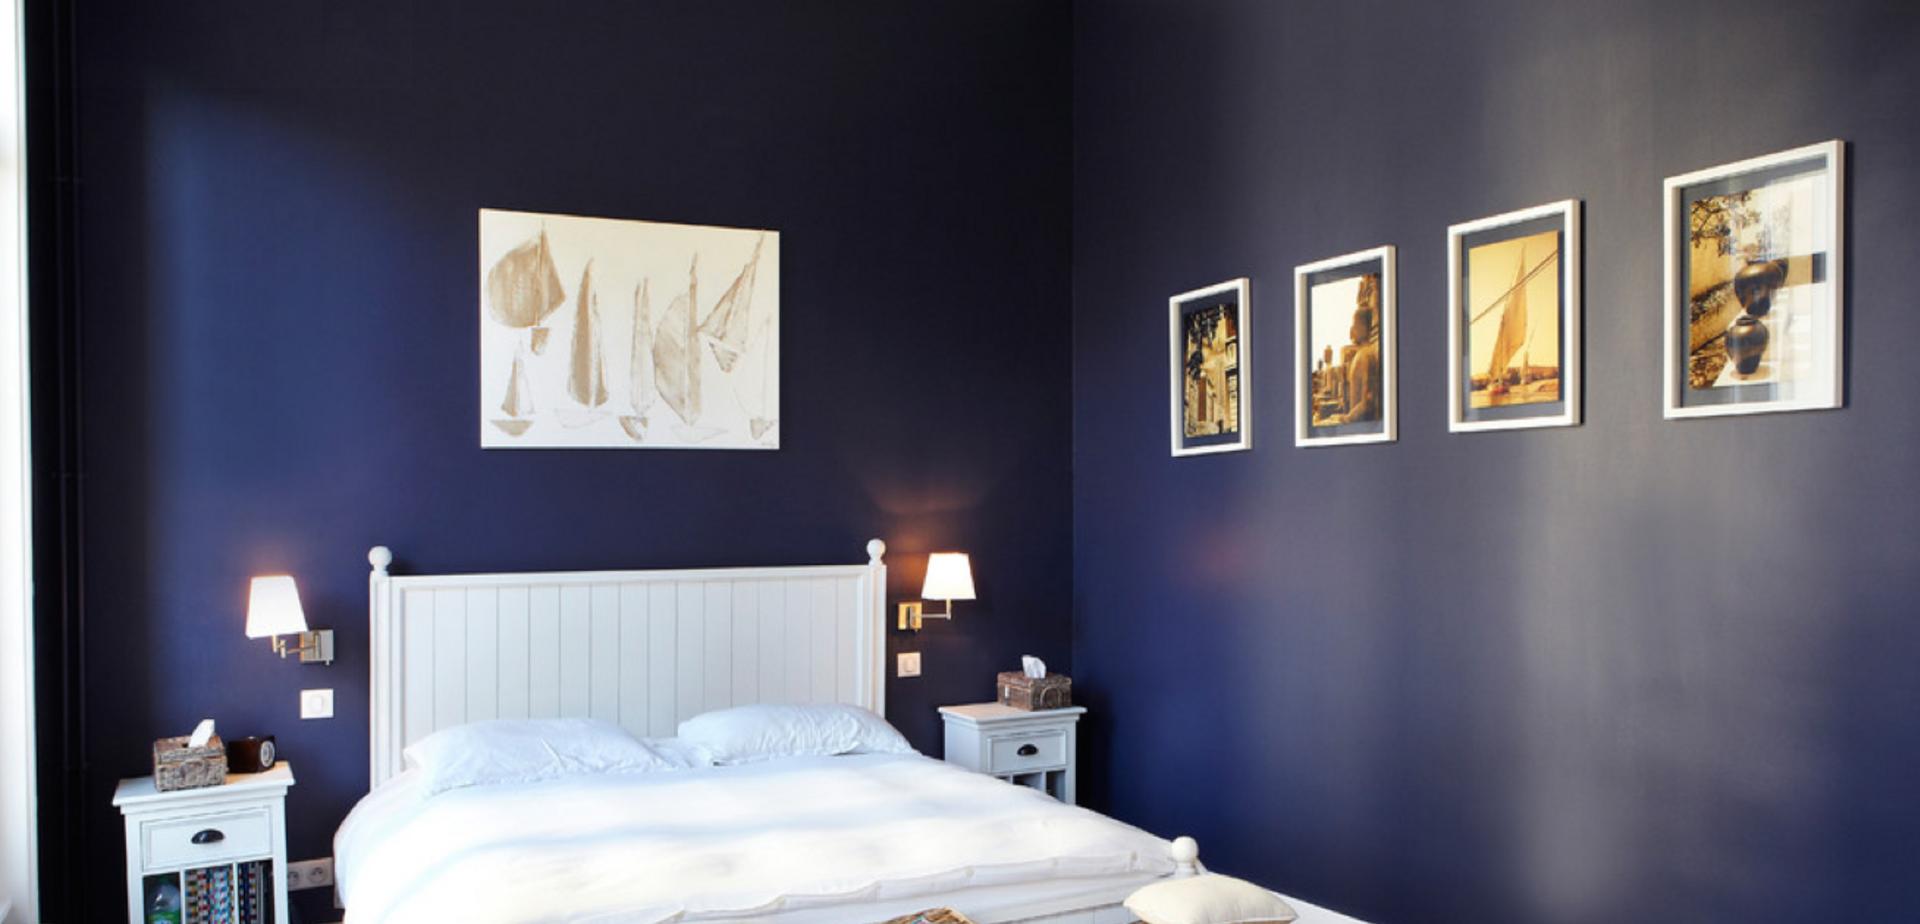 Couleur Des Chambre A Coucher couleurs pour la chambre à coucher | Étape par étape | brico.be